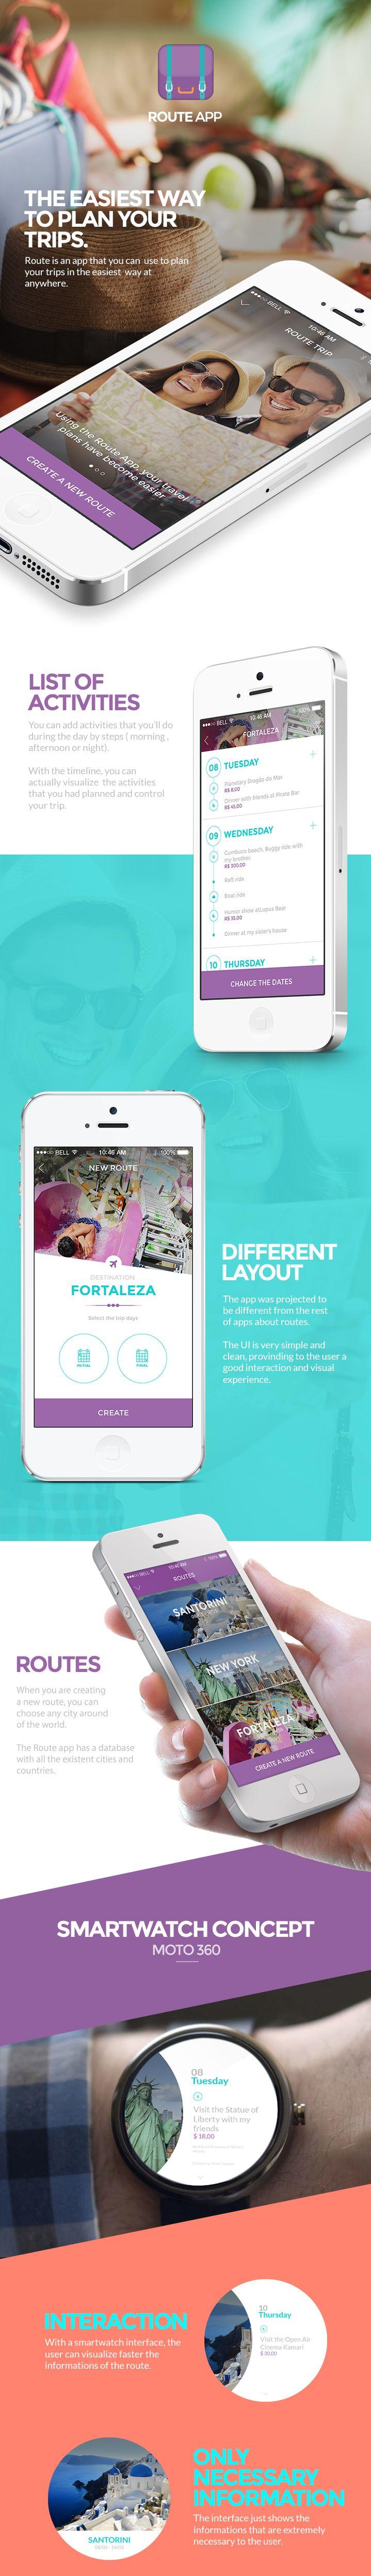 Daily Mobile UI Design Inspiration #342